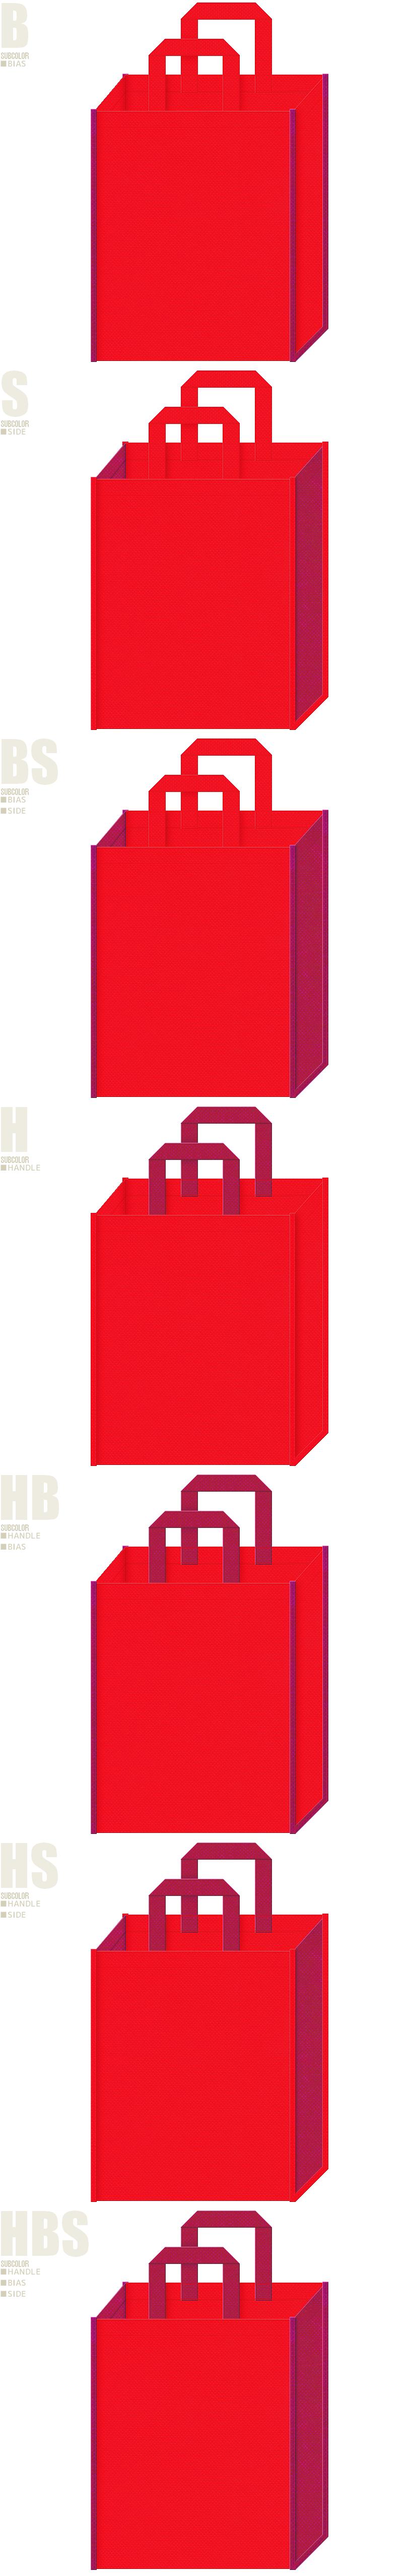 祇園・舞妓・絢爛・花吹雪・茶会・和傘・邦楽演奏会・和風催事・観光・お祭り・法被・お正月・福袋にお奨めの不織布バッグデザイン:赤色と濃いピンク色の配色7パターン